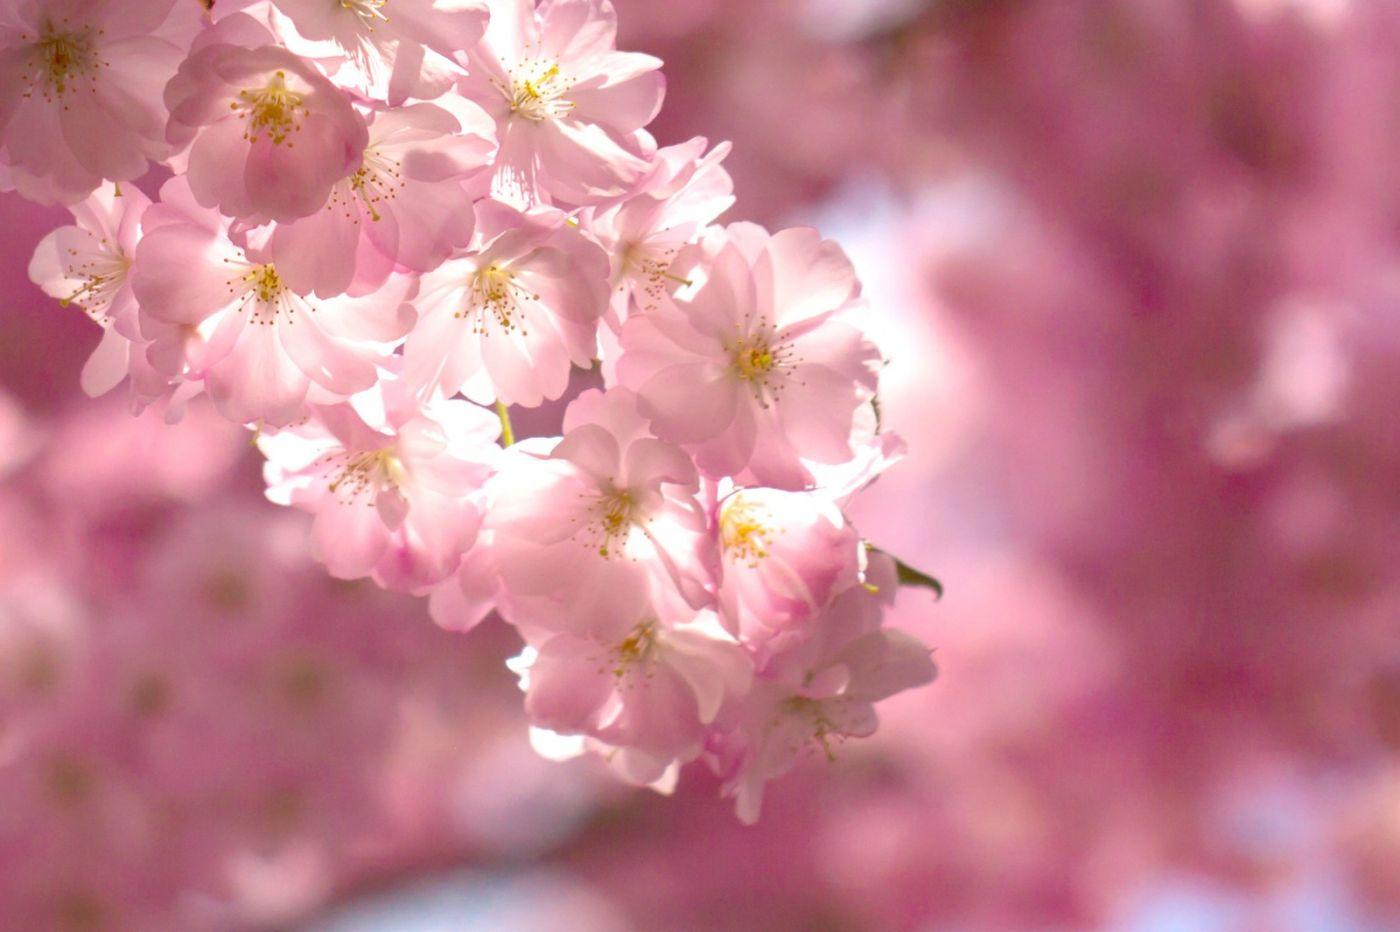 粉红的水嫩的,好看极了_图1-37